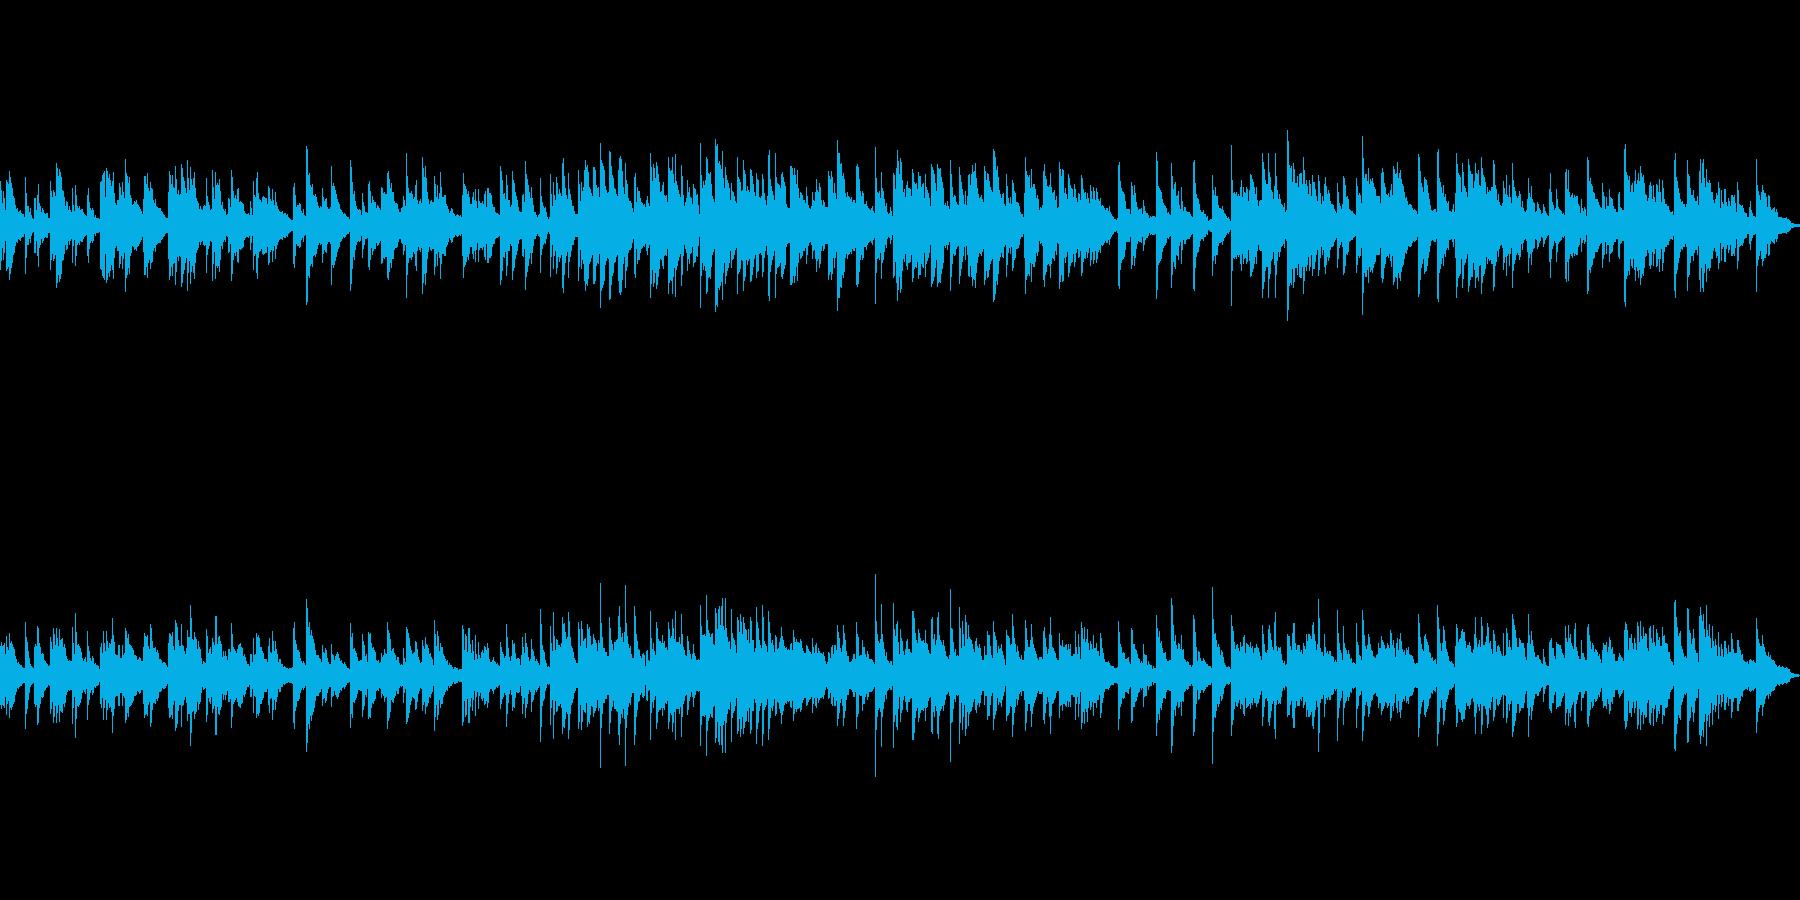 世界観のあるファンタジーゲームのBGMにの再生済みの波形